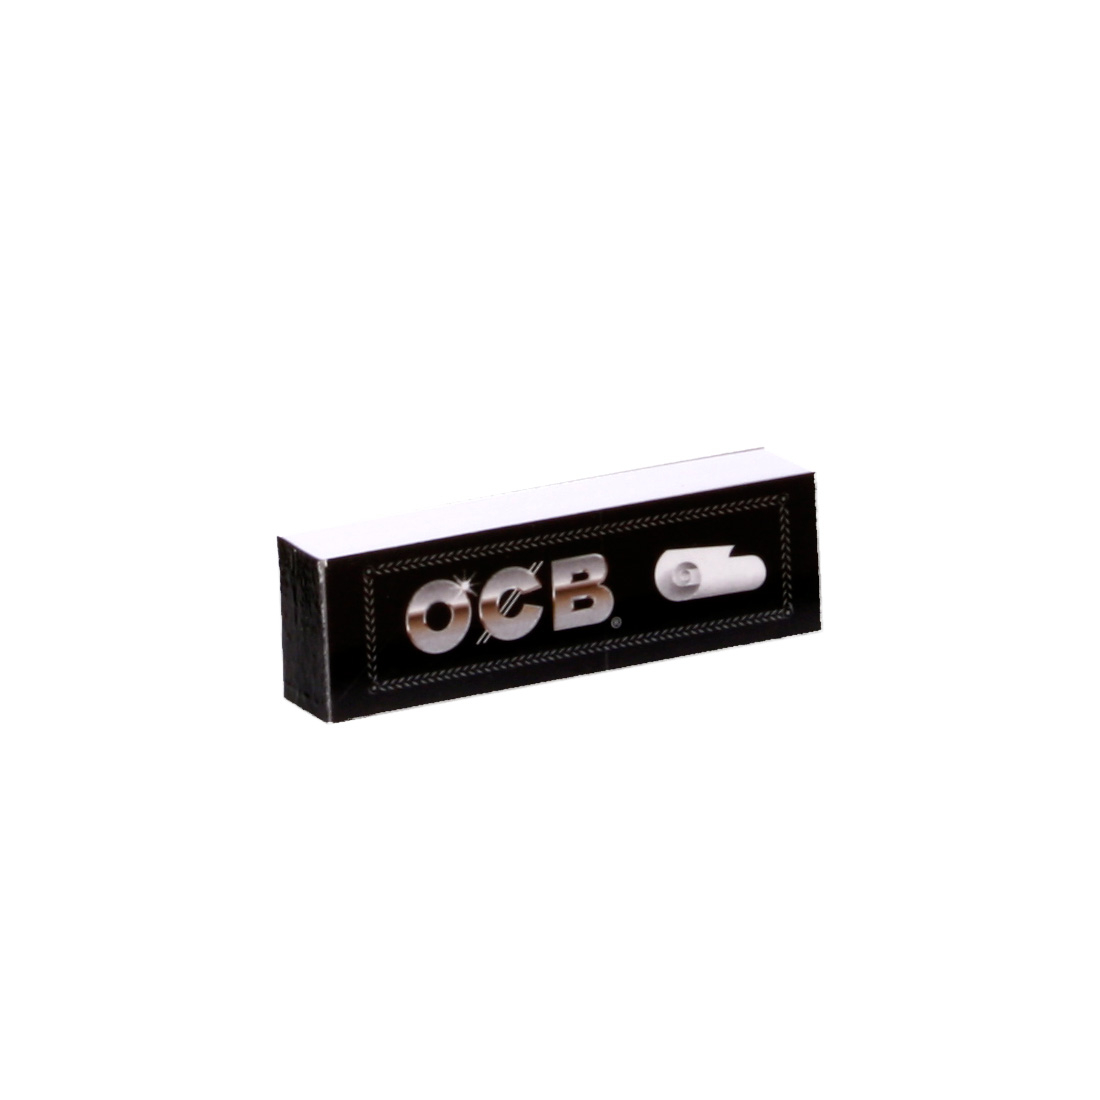 acheter filtre en carton ocb tonkar toncar ocb filtre en carton toncar. Black Bedroom Furniture Sets. Home Design Ideas